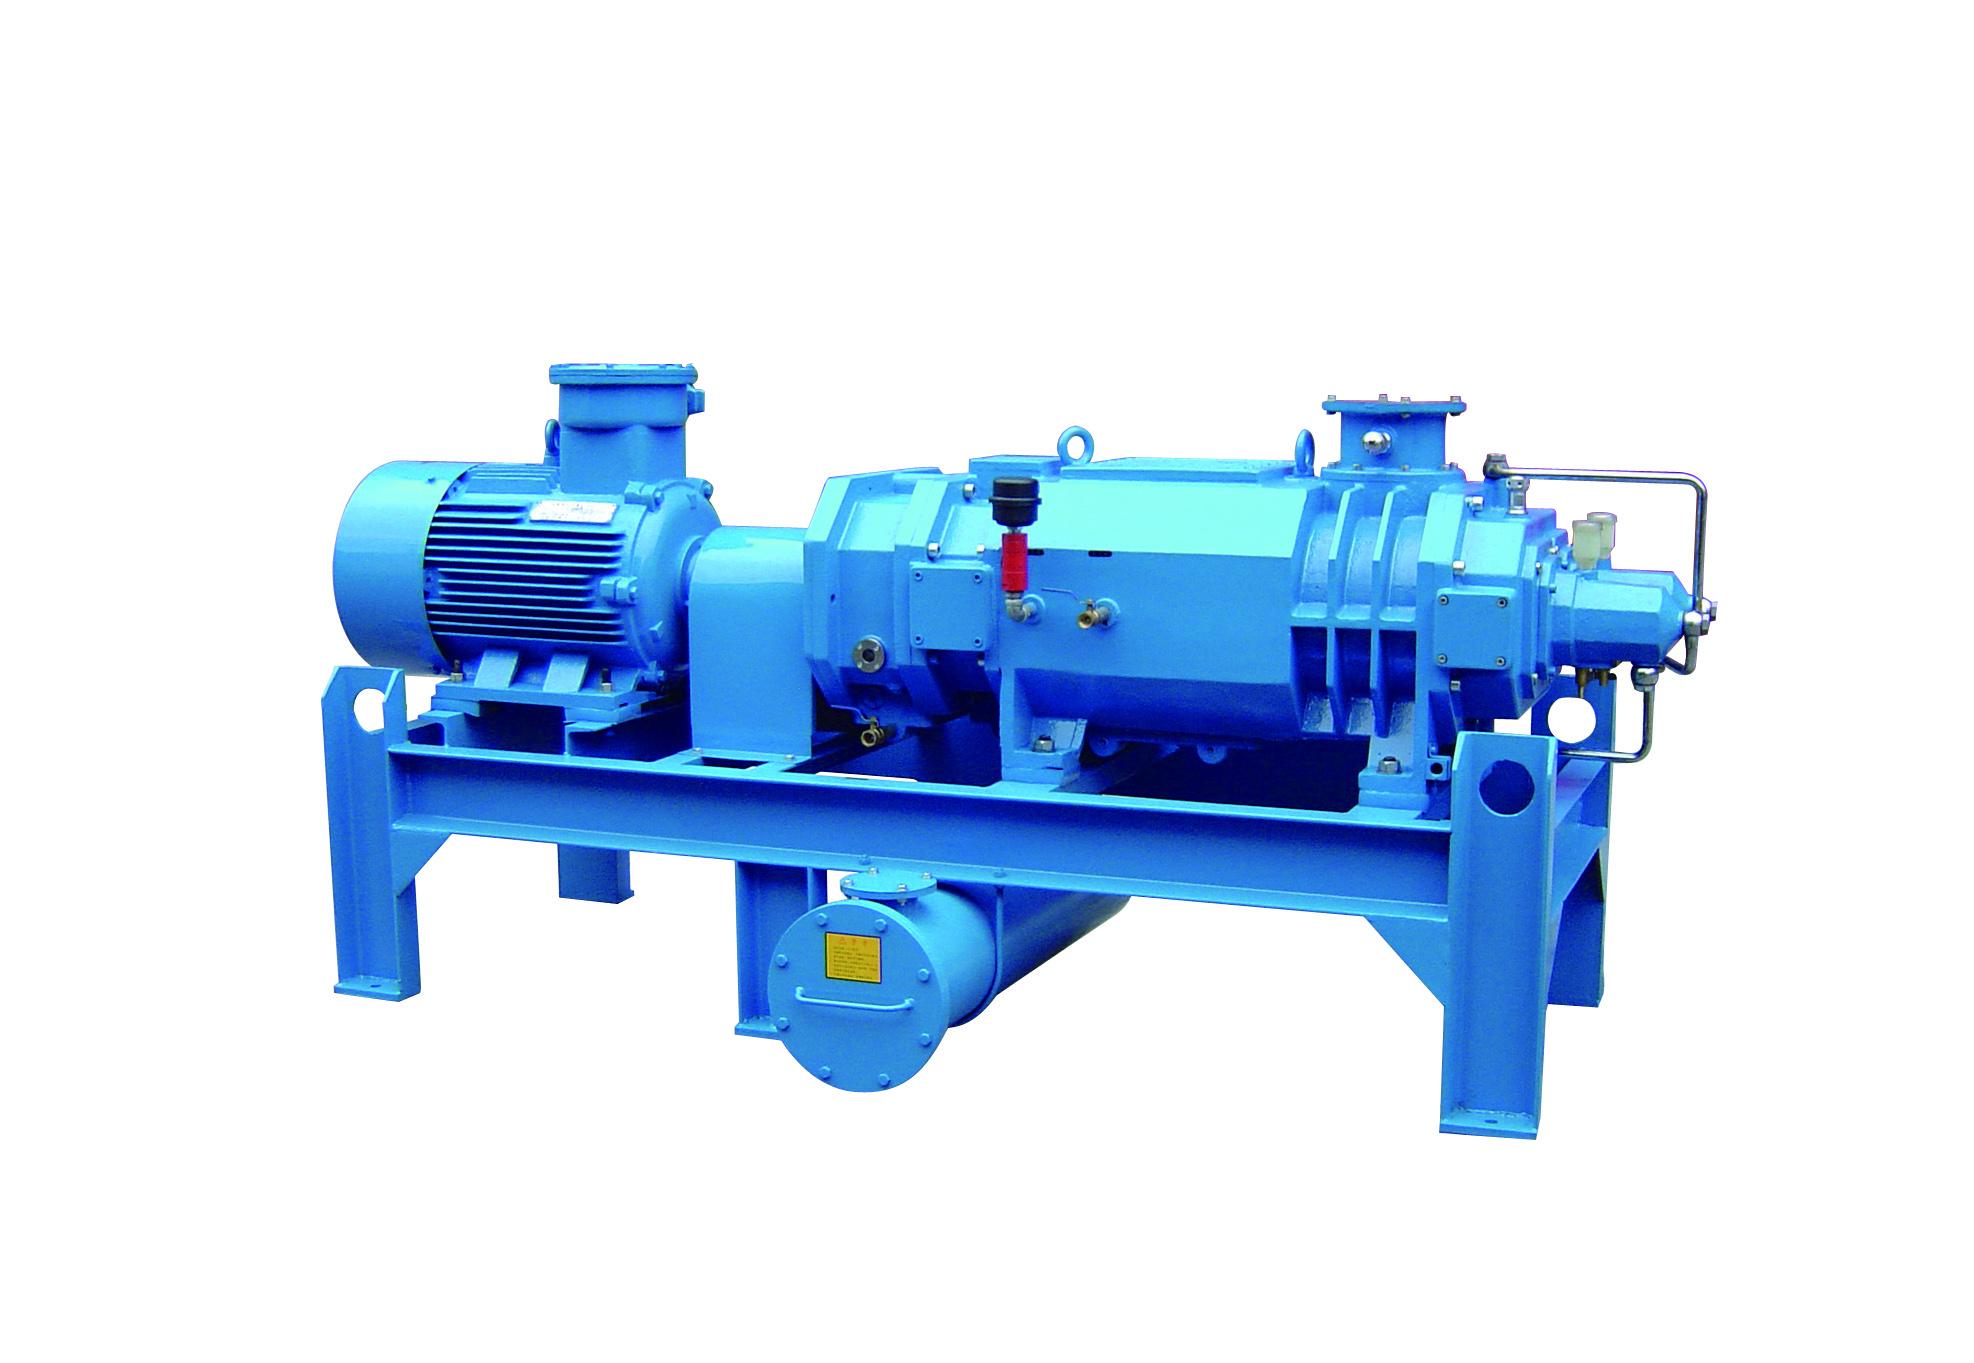 螺杆泵专业供应商 螺杆真空泵加工星光真空